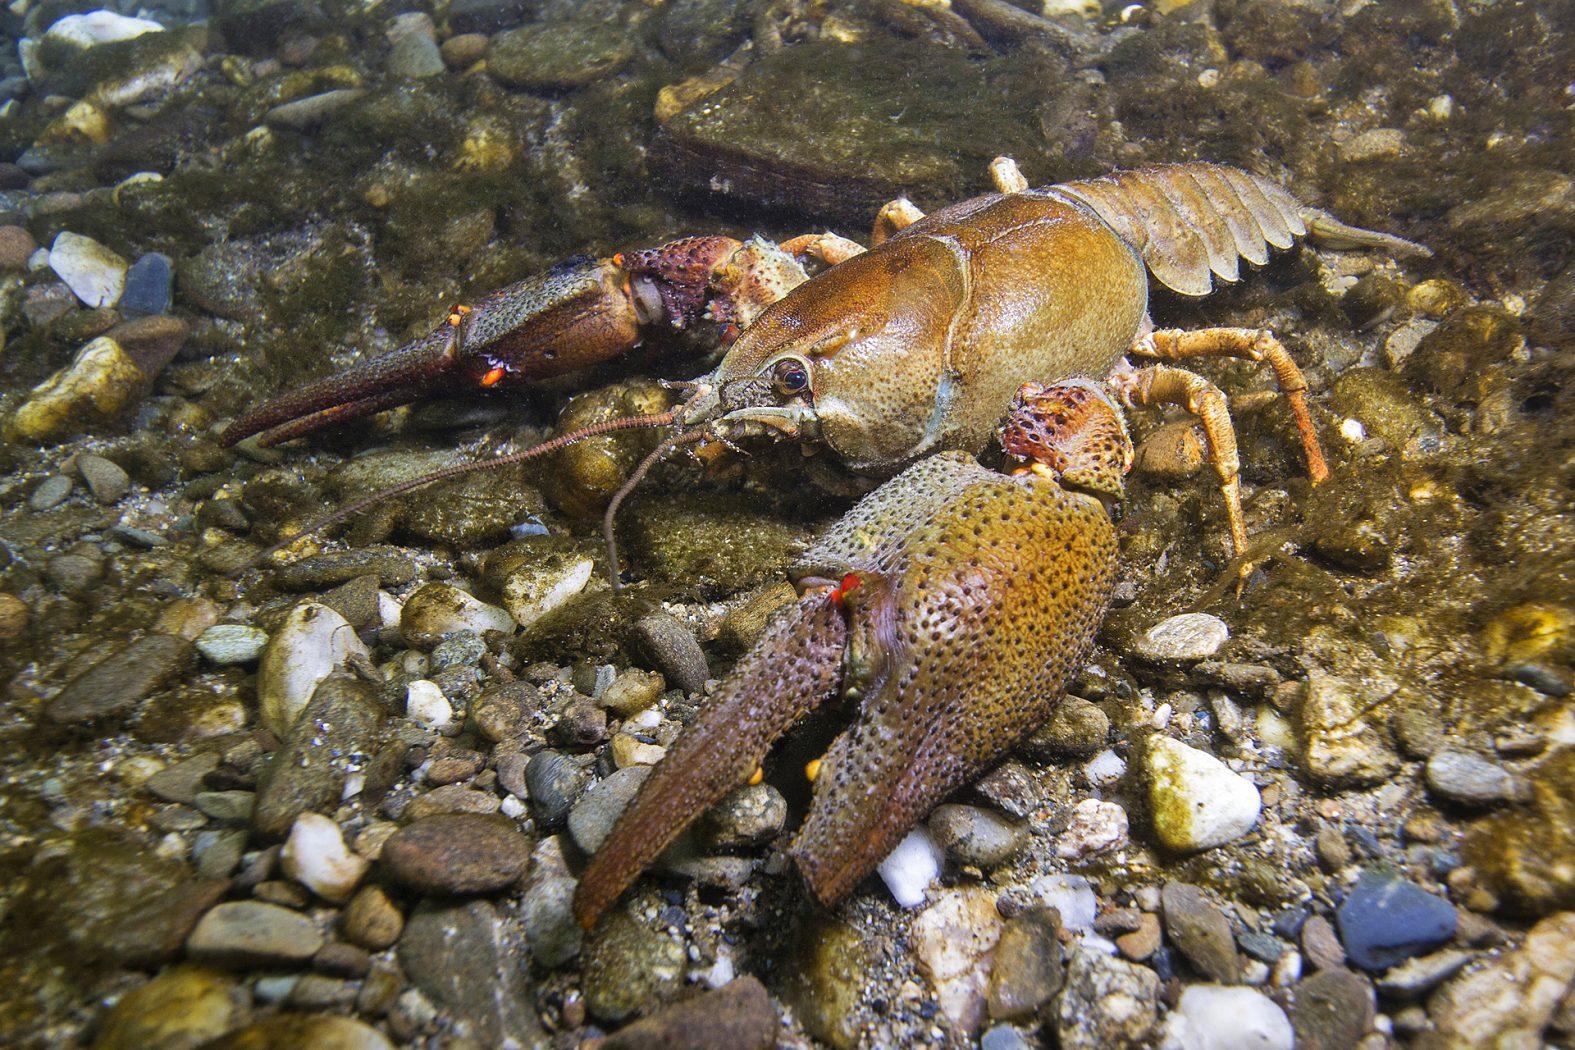 Der Europäische Flusskrebs wird auch Edelkrebs genannt